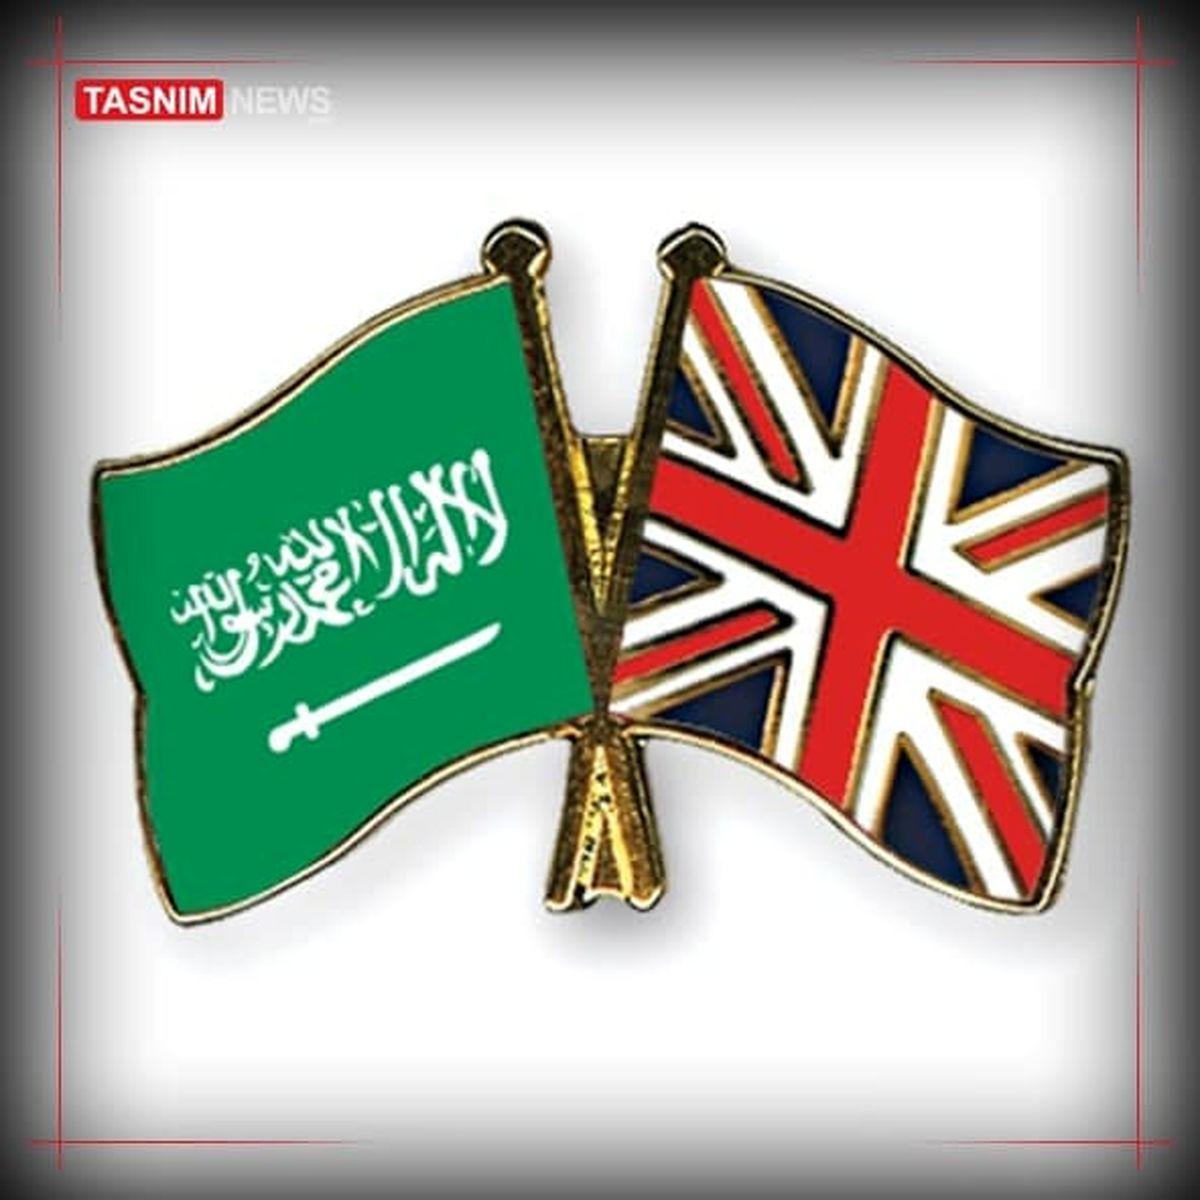 ایران محور گفتوگوی بنسلمان و وزیرخارجه انگلیس